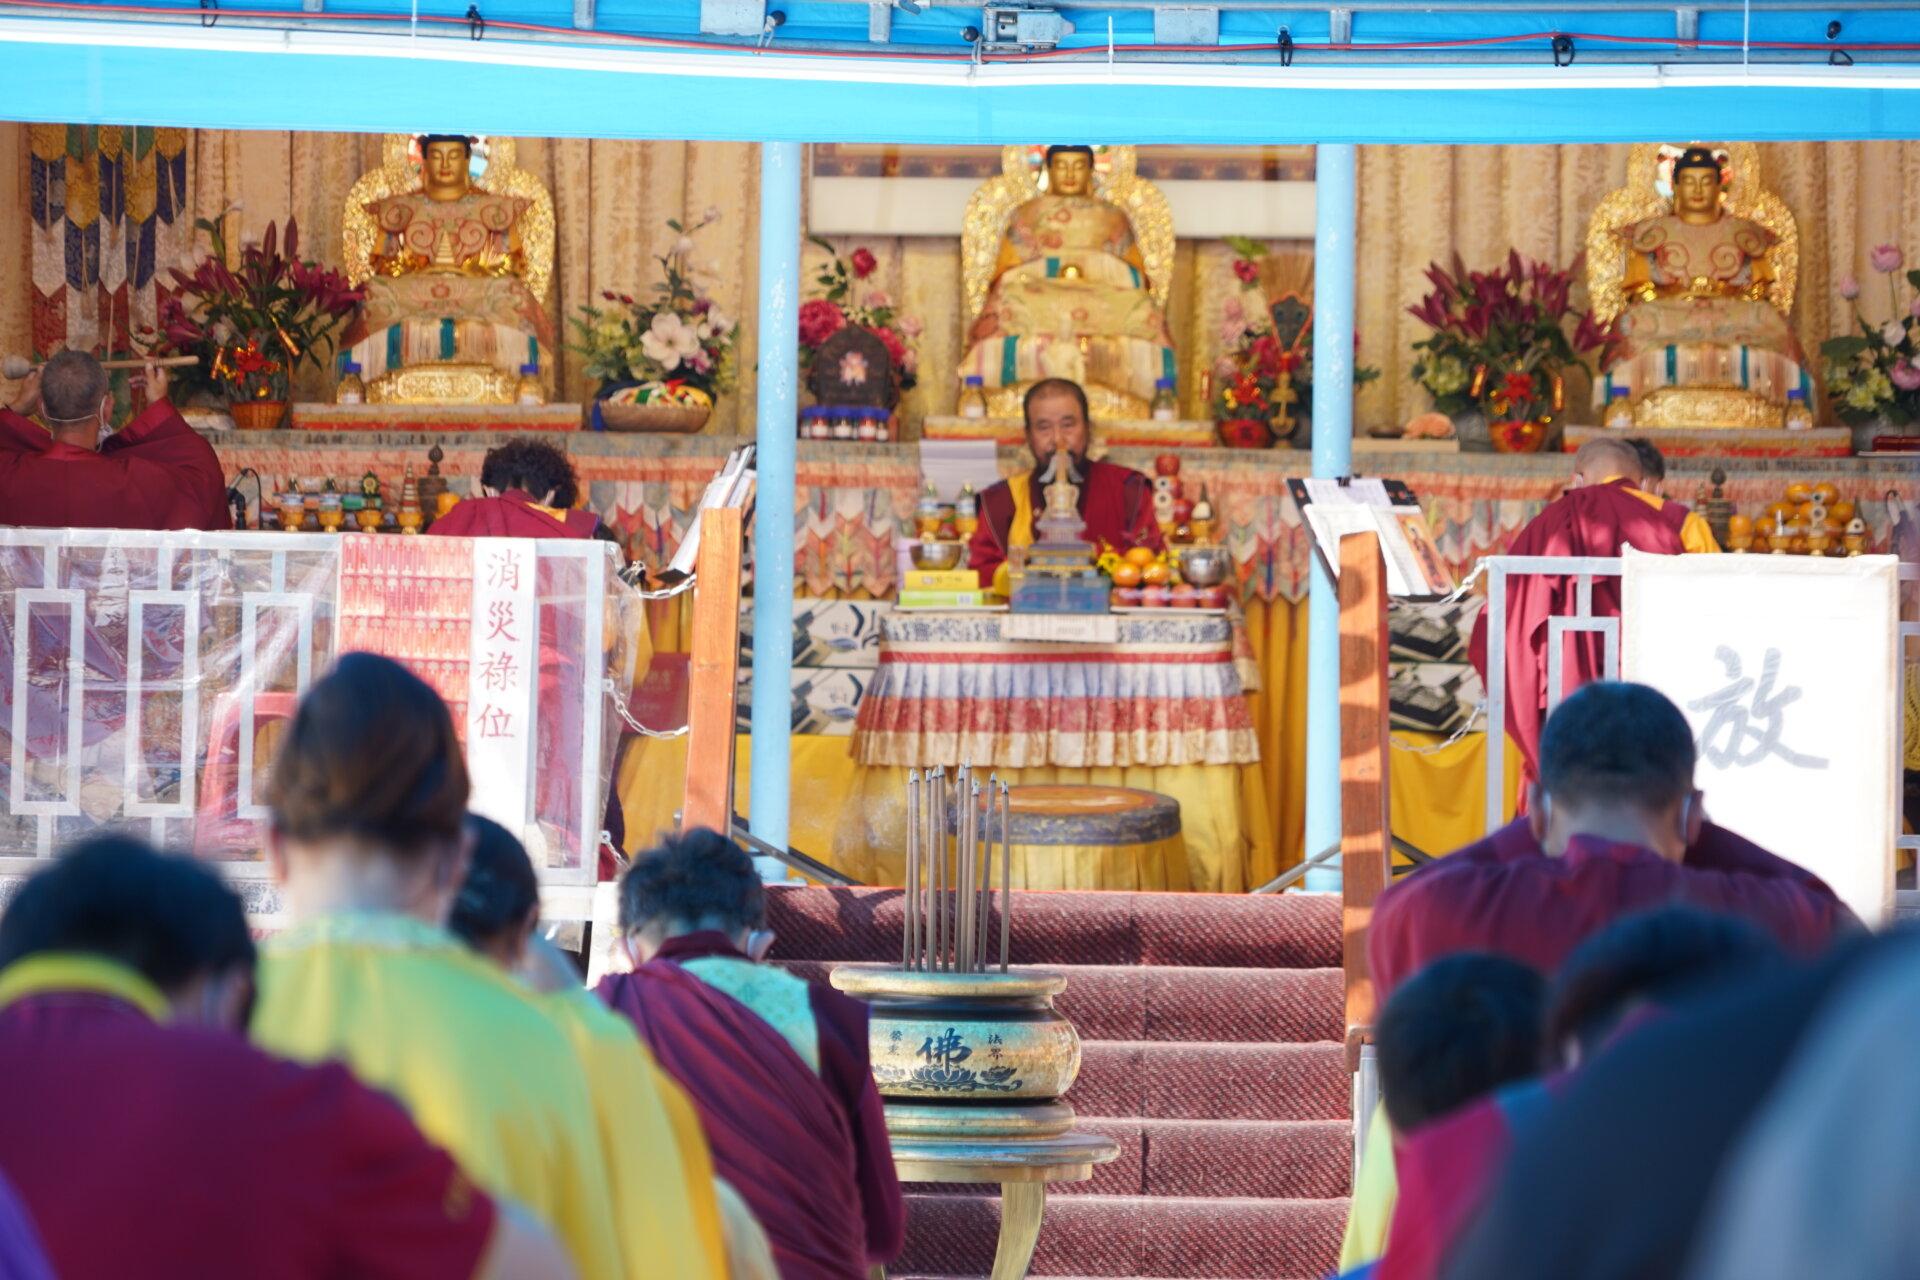 行動佛殿122站台南喜樹萬皇宮,信眾齊心誦經祈願世界和平